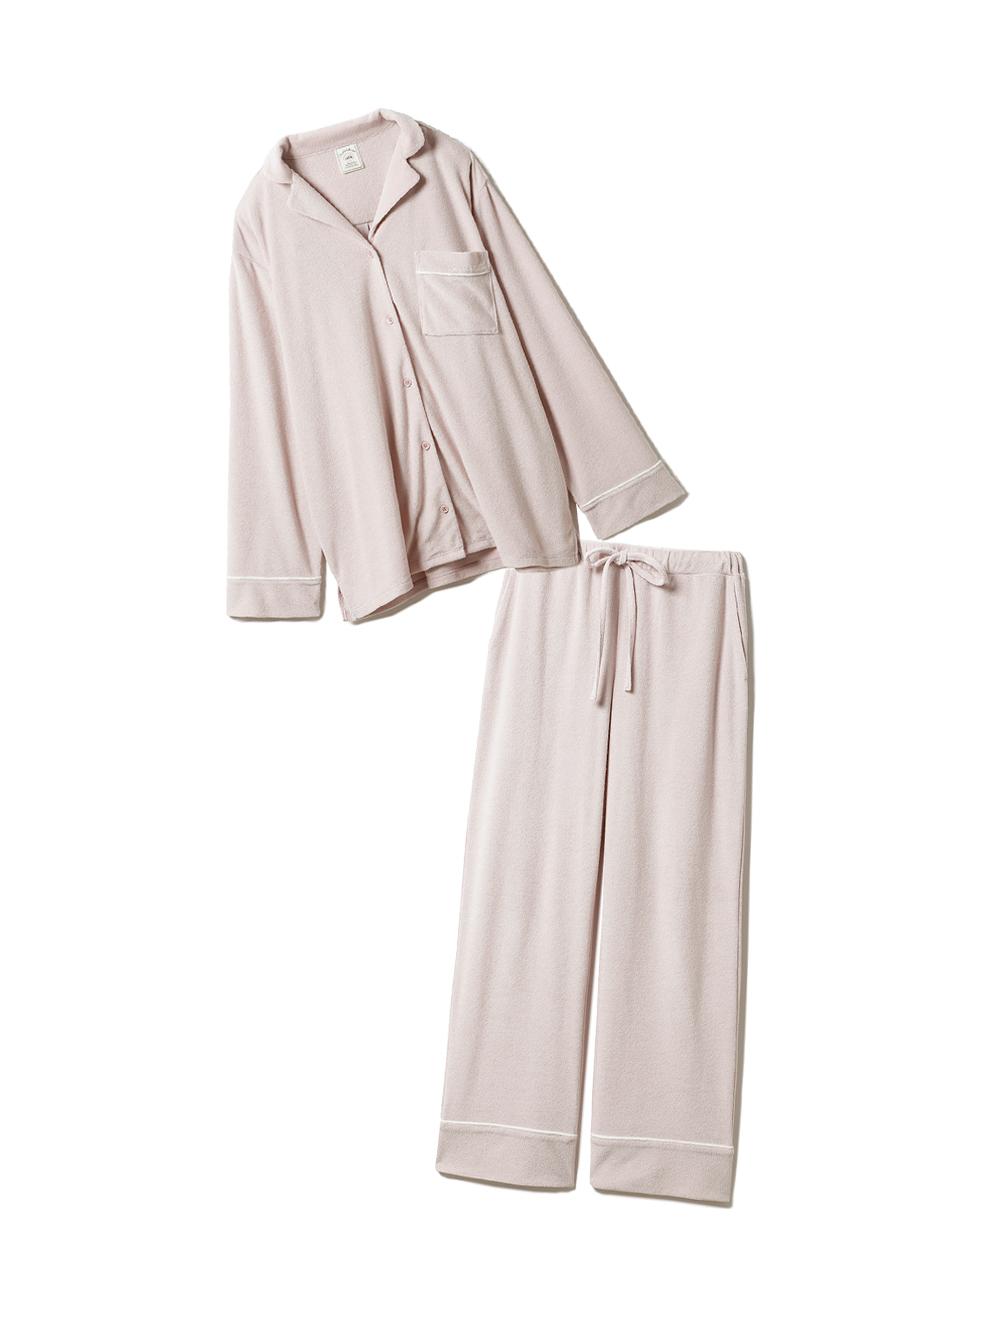 【ラッピング】パイルシャツ&ロングパンツSET(PNK-F)